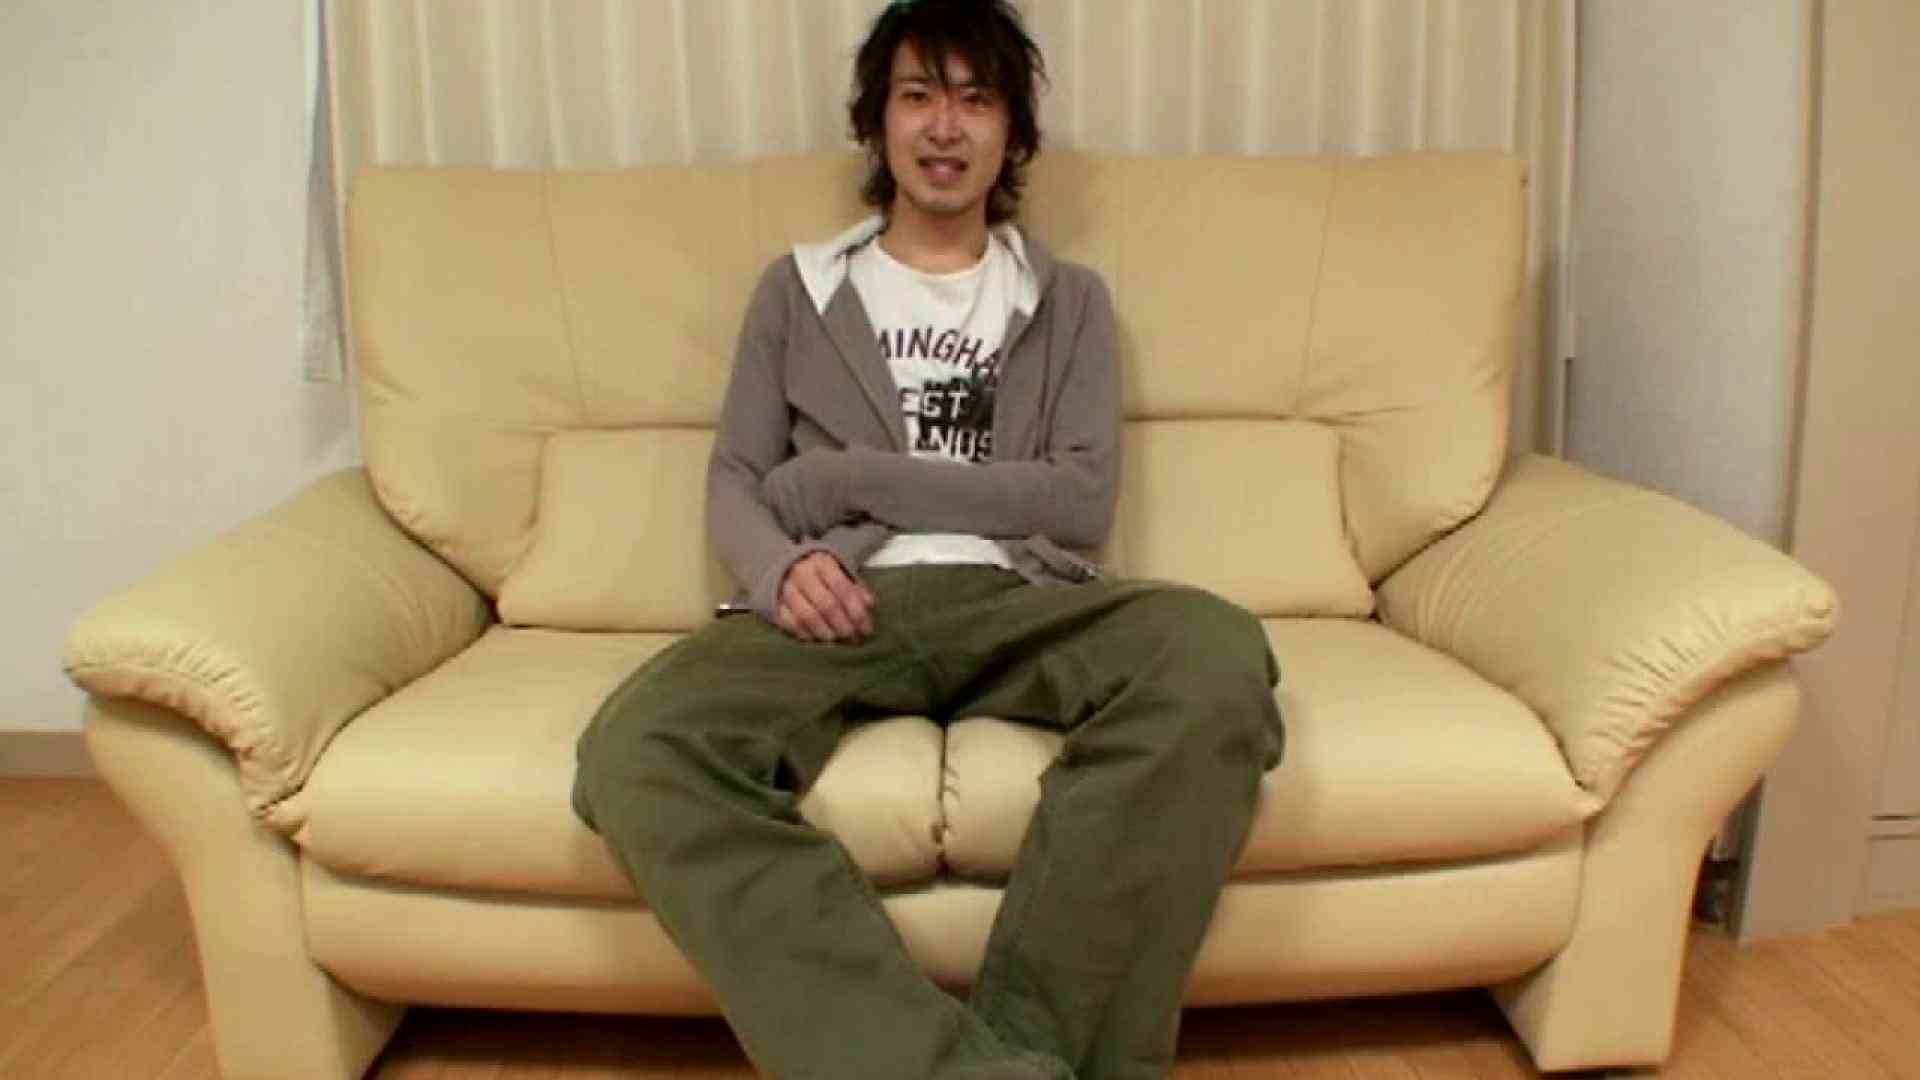 ノンケ!自慰スタジオ No.21 オナニー ゲイAV画像 102枚 43